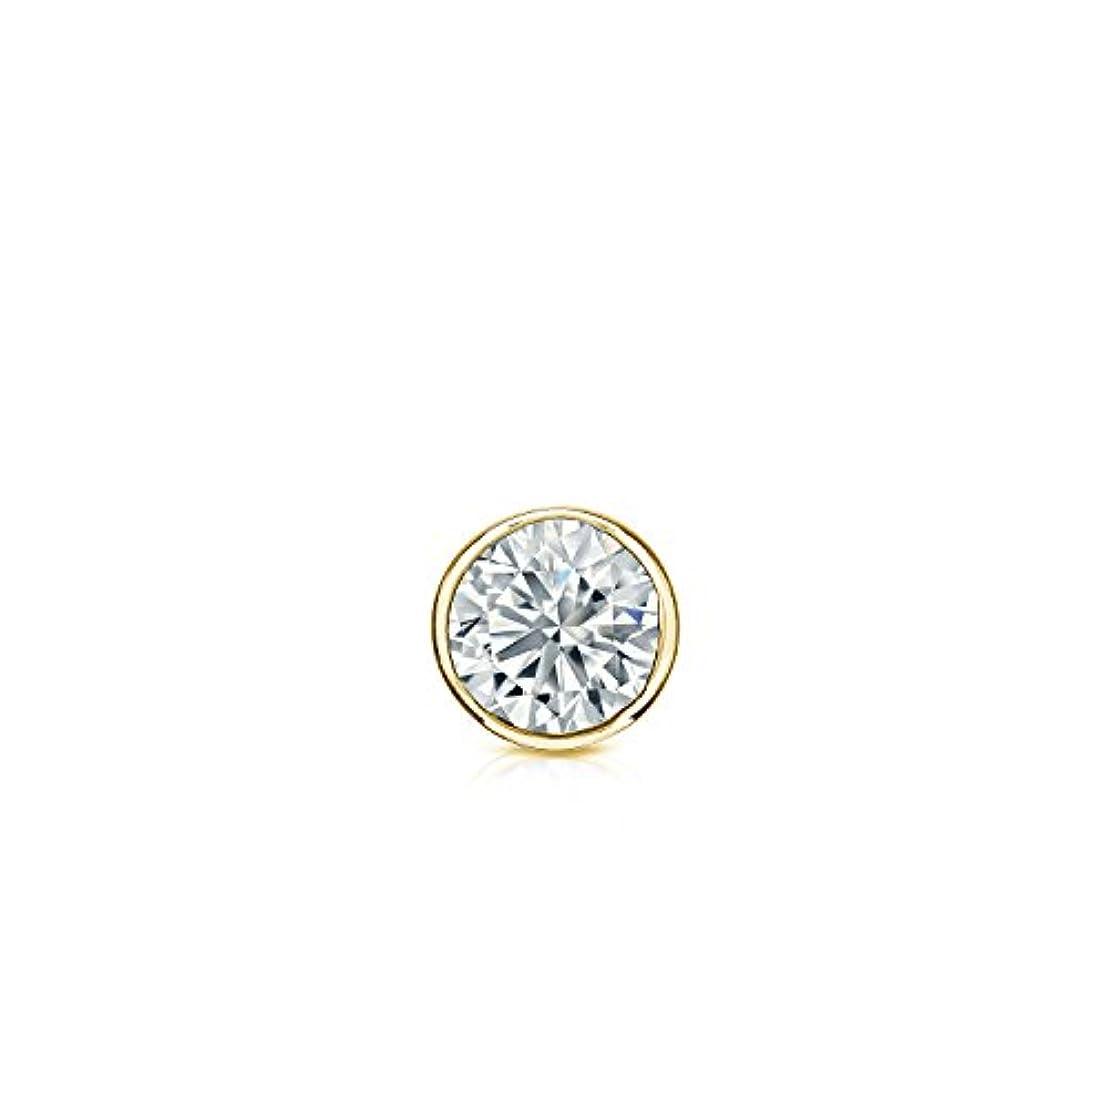 不注意周波数哲学的18 Kイエローゴールドbezel-setラウンドダイヤモンドシングルスタッドイヤリング( 1 / 8 – 1 CT、ホワイト、i1 - i2 ) screw-back